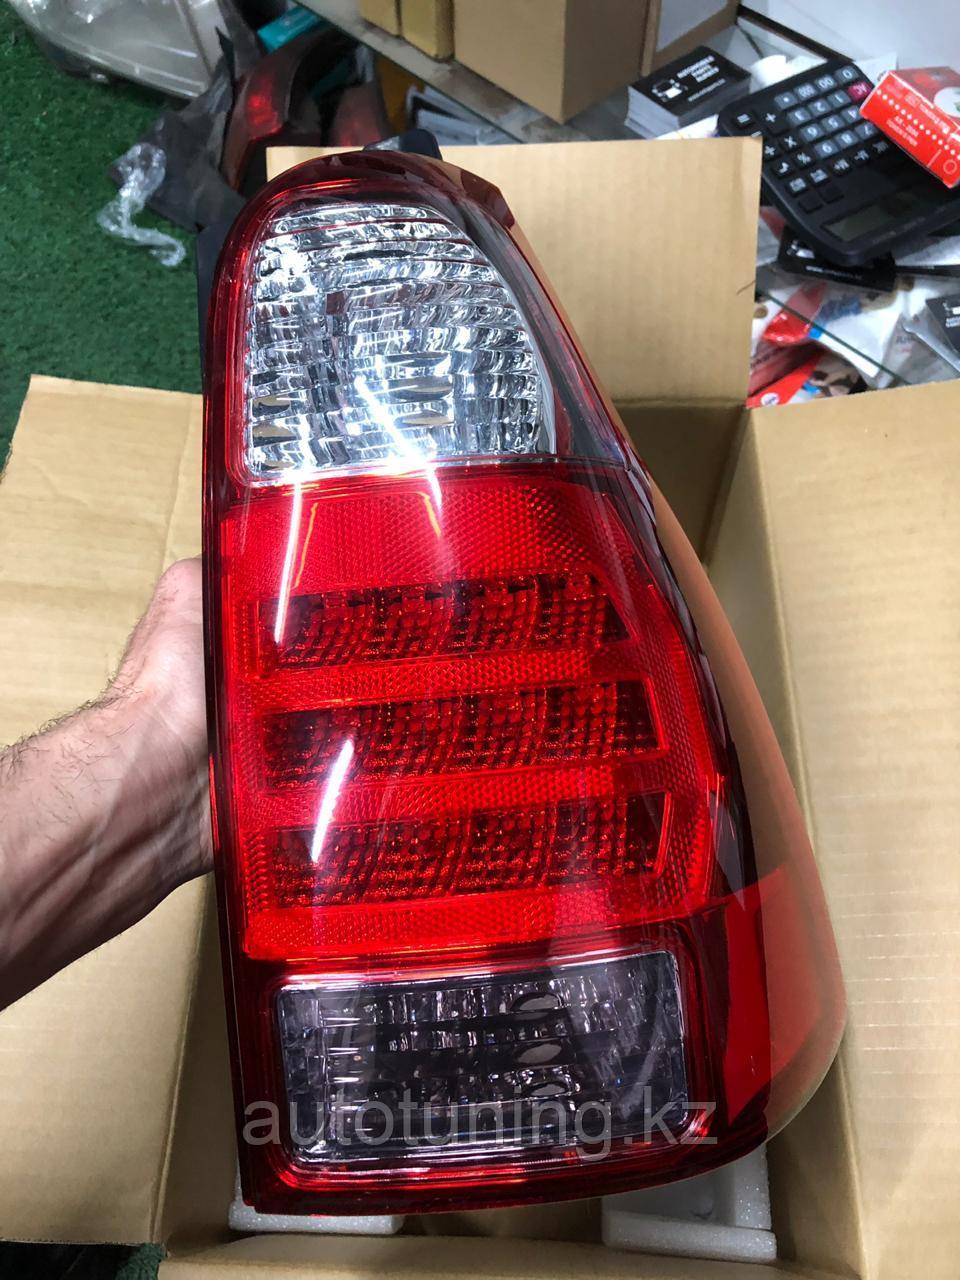 Задний правый фонарь на Toyota 4runner 2005-2009 (рестайлинговый)